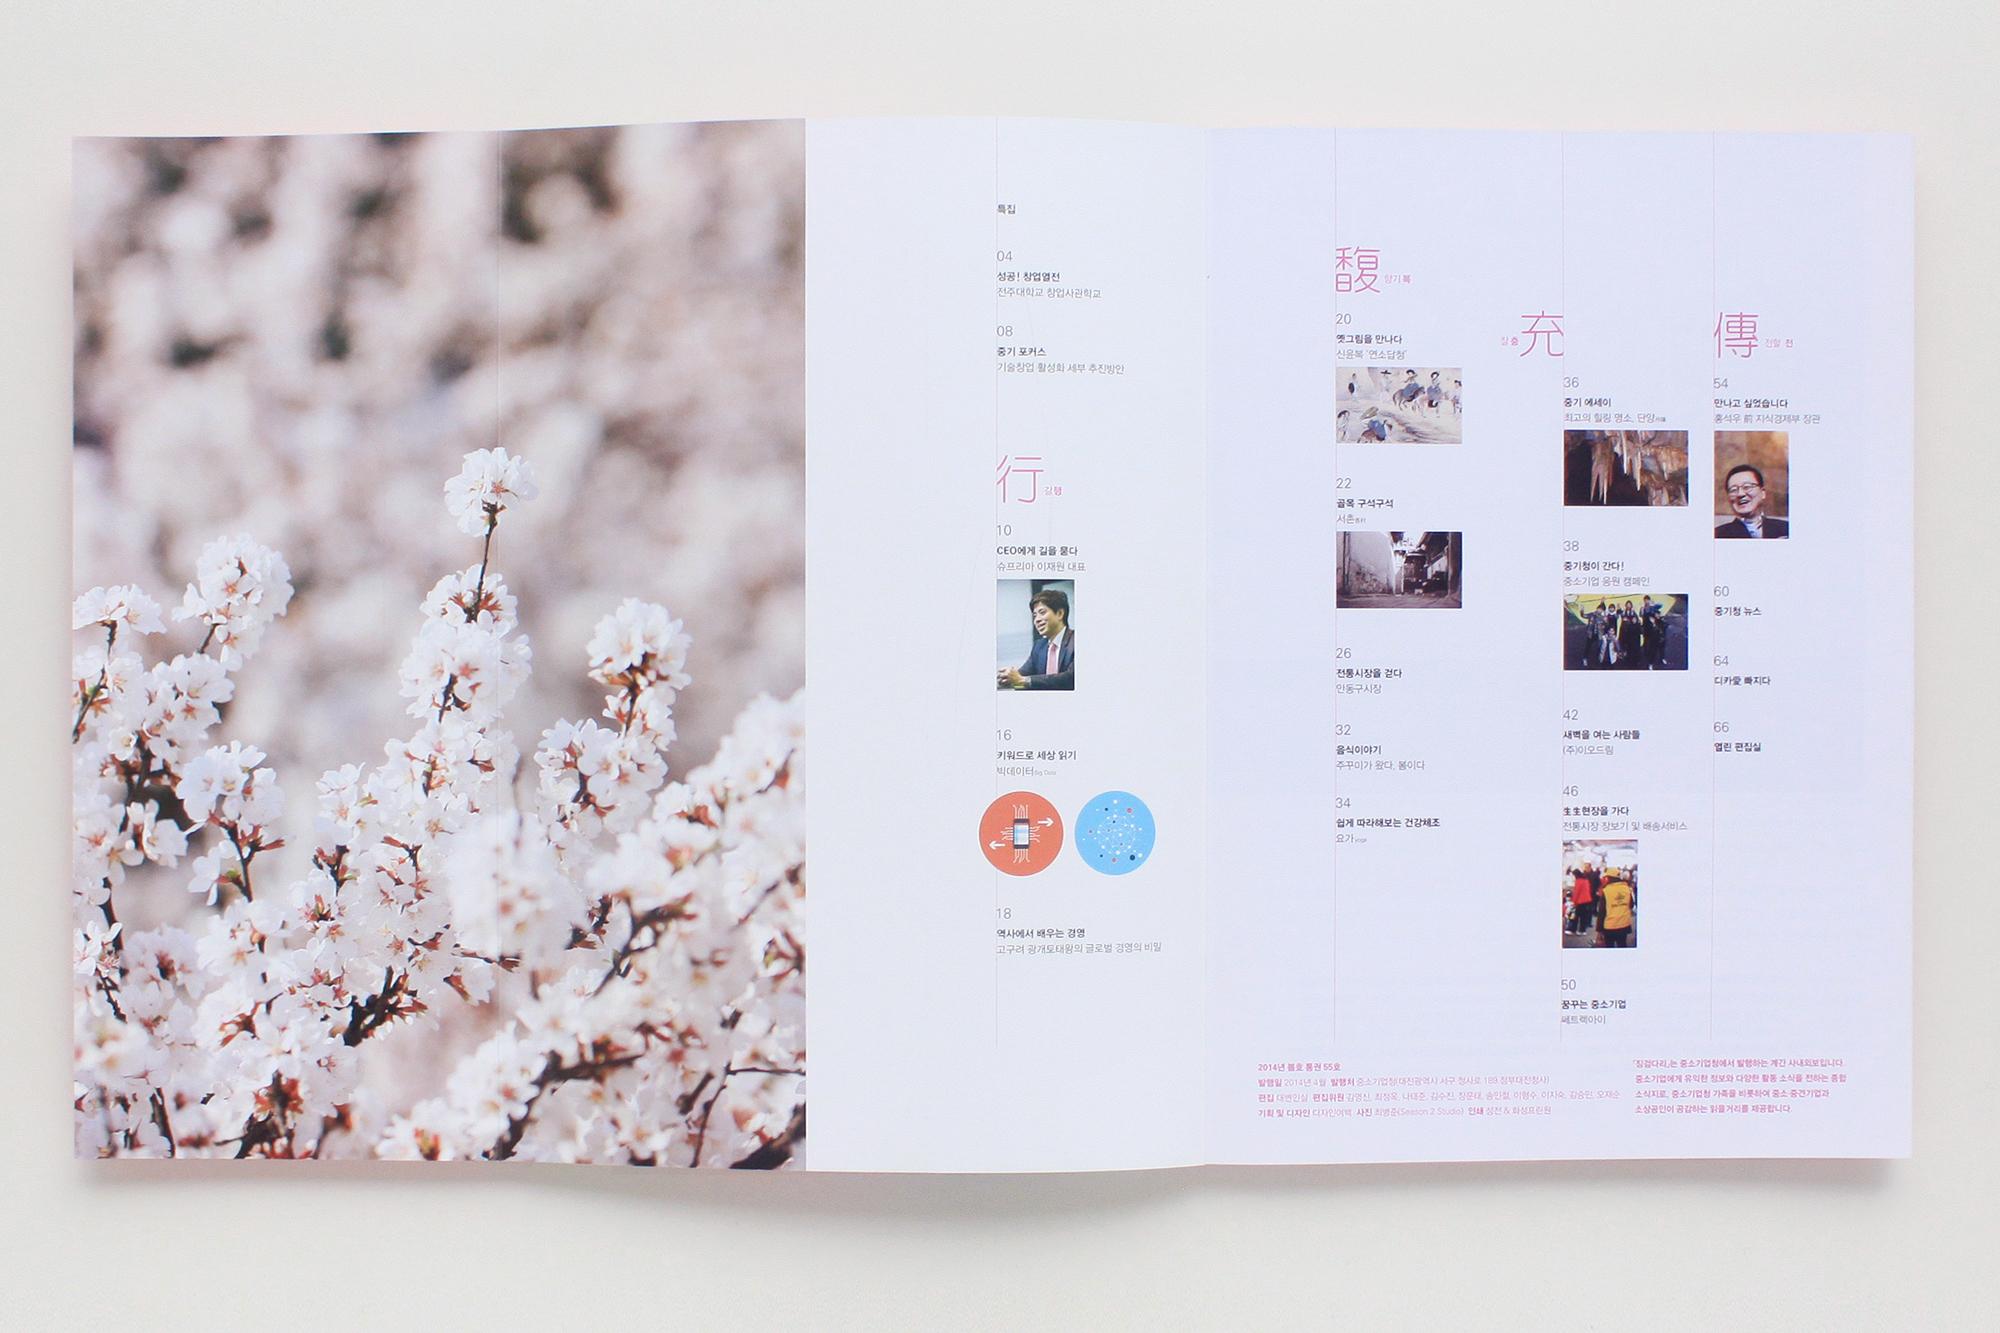 2014-징검다리 (2)